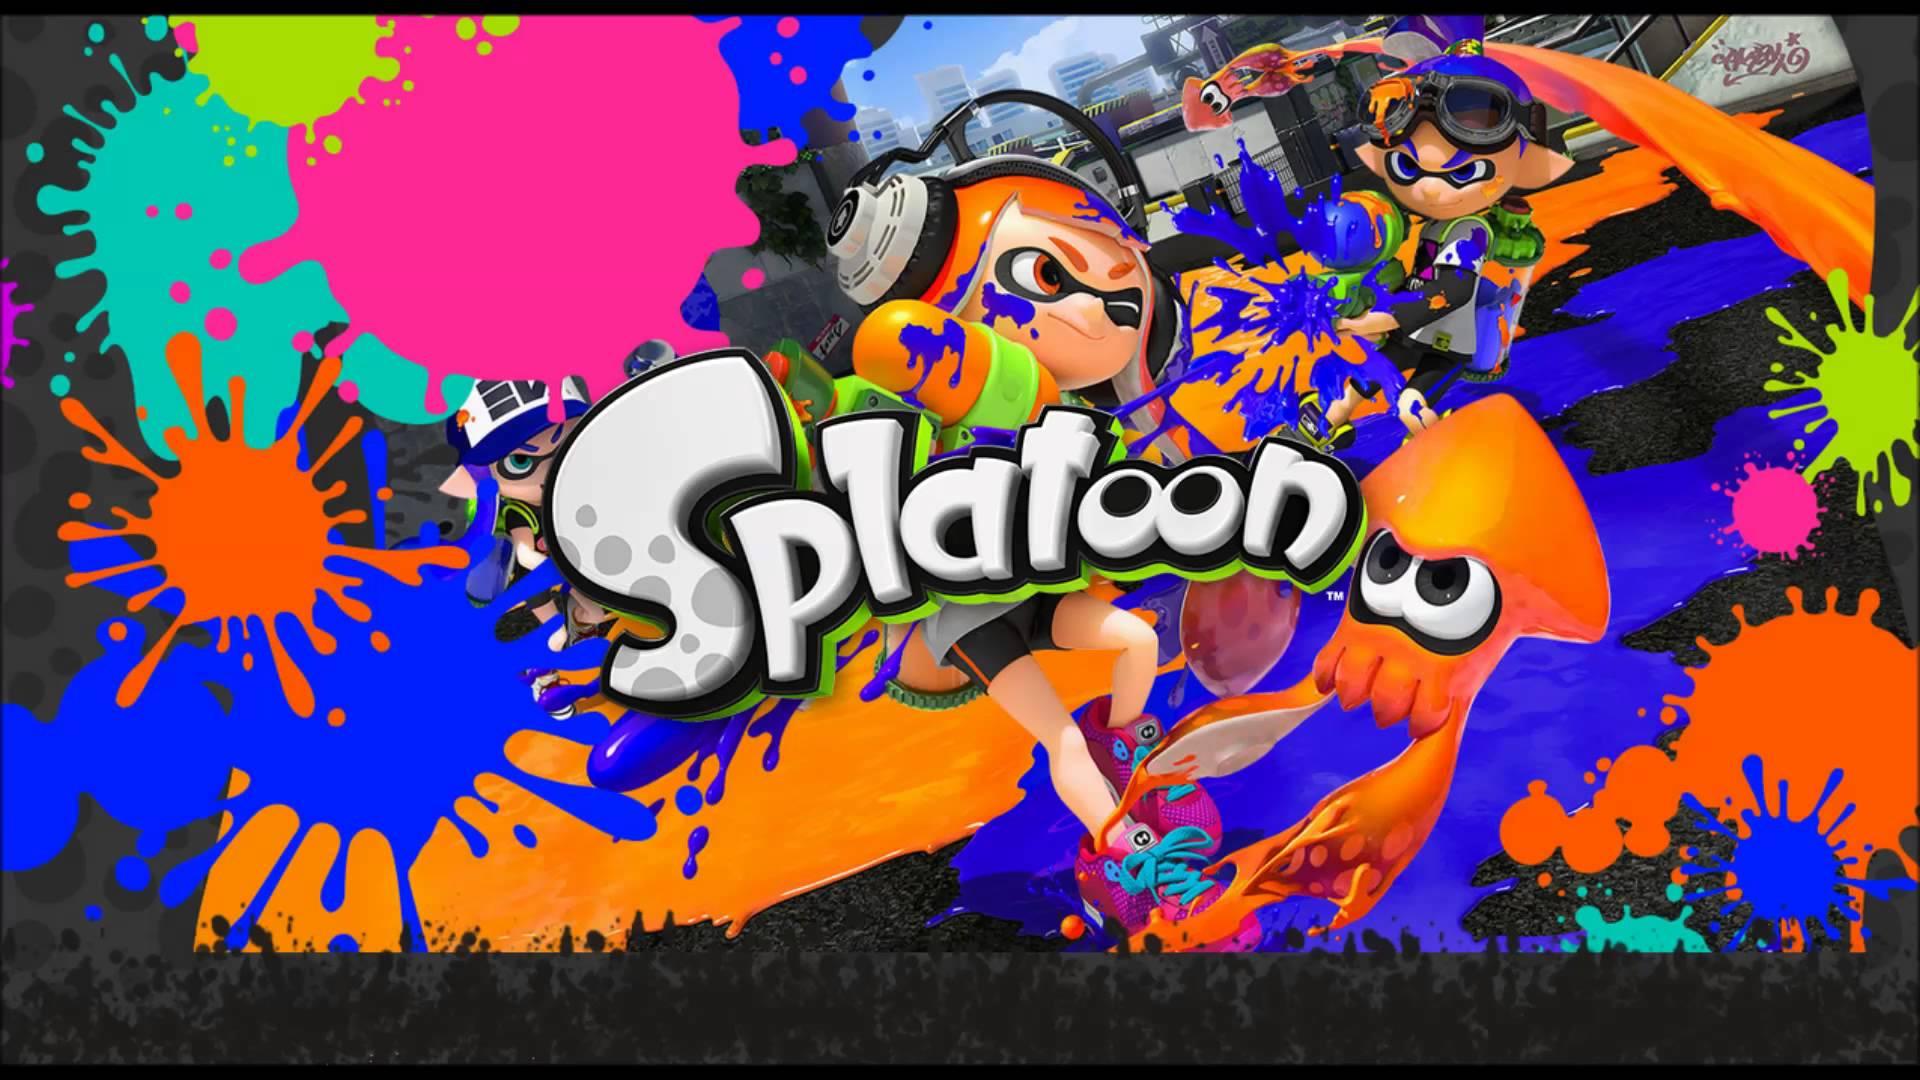 Splatoon 8